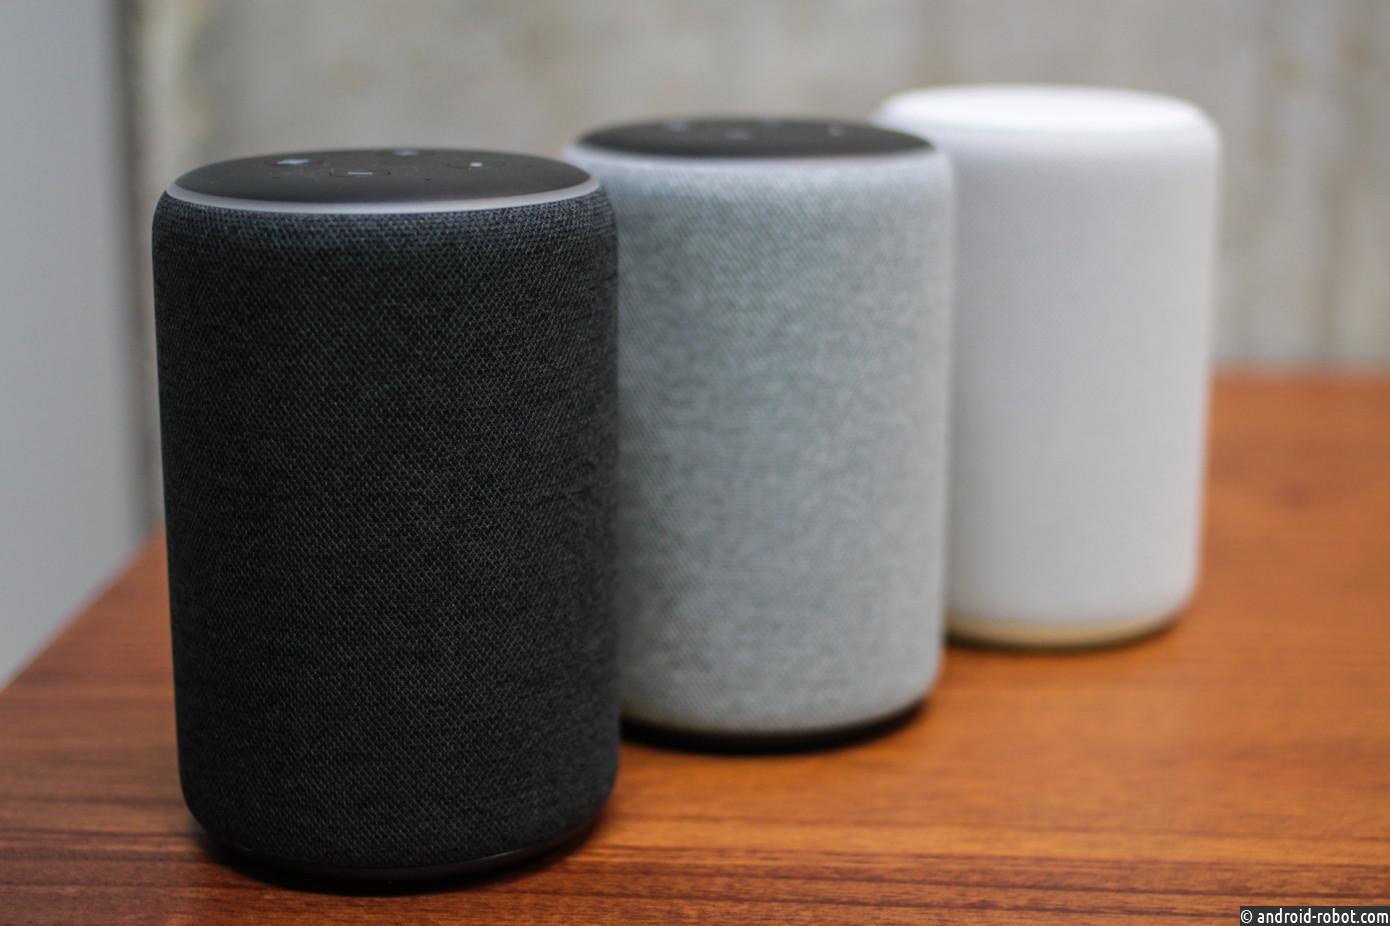 Количество навыков Alexa в США более чем удвоилось в 2018 году